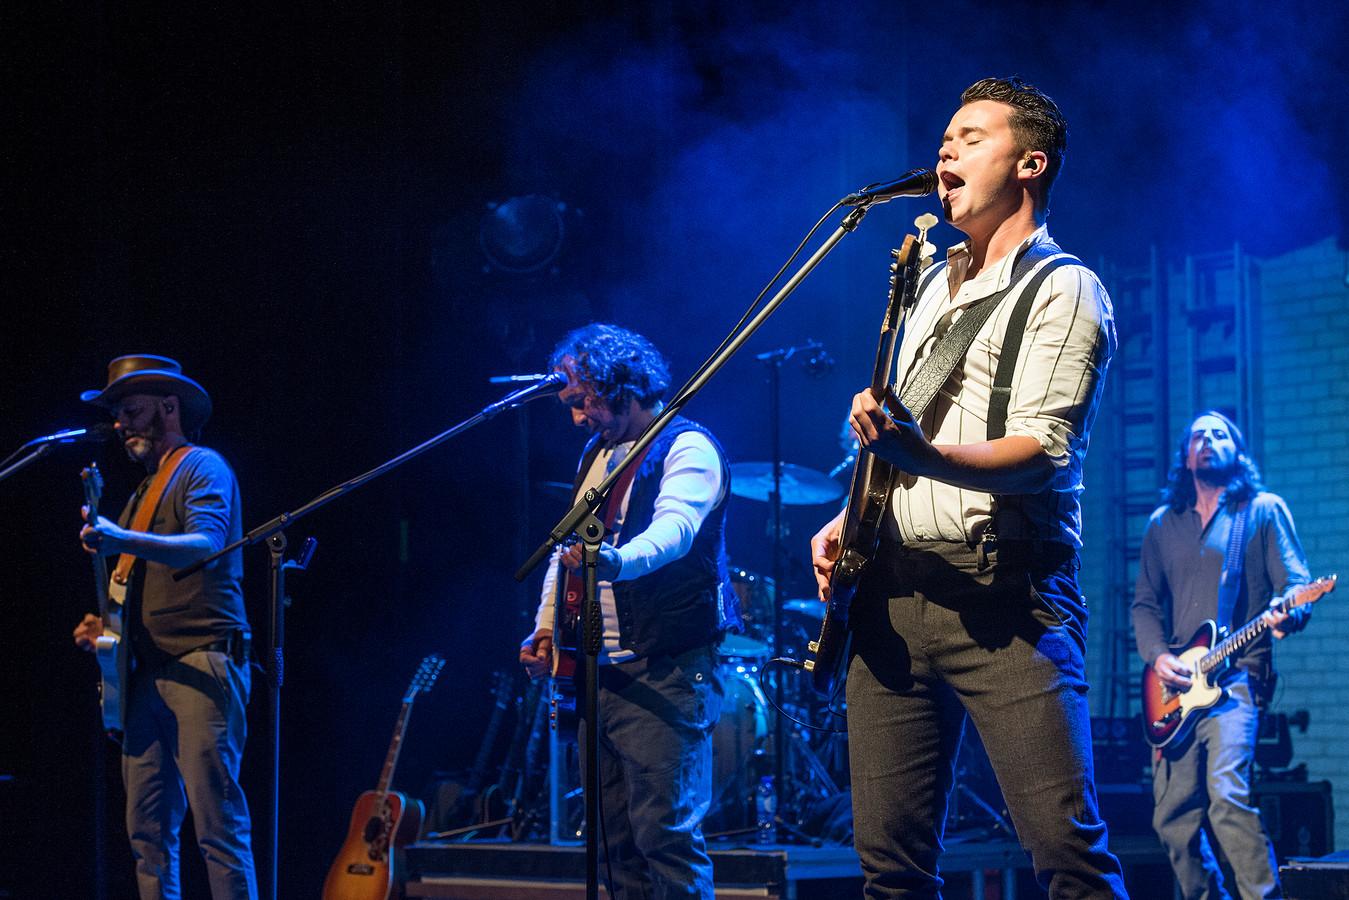 Bassist Jens Huigen (voorgrond, zingend) uit Raamsdonksveer speelt voor het eerst in de Dutch Eagles tributeband in de Nieuwe Nobelaer.